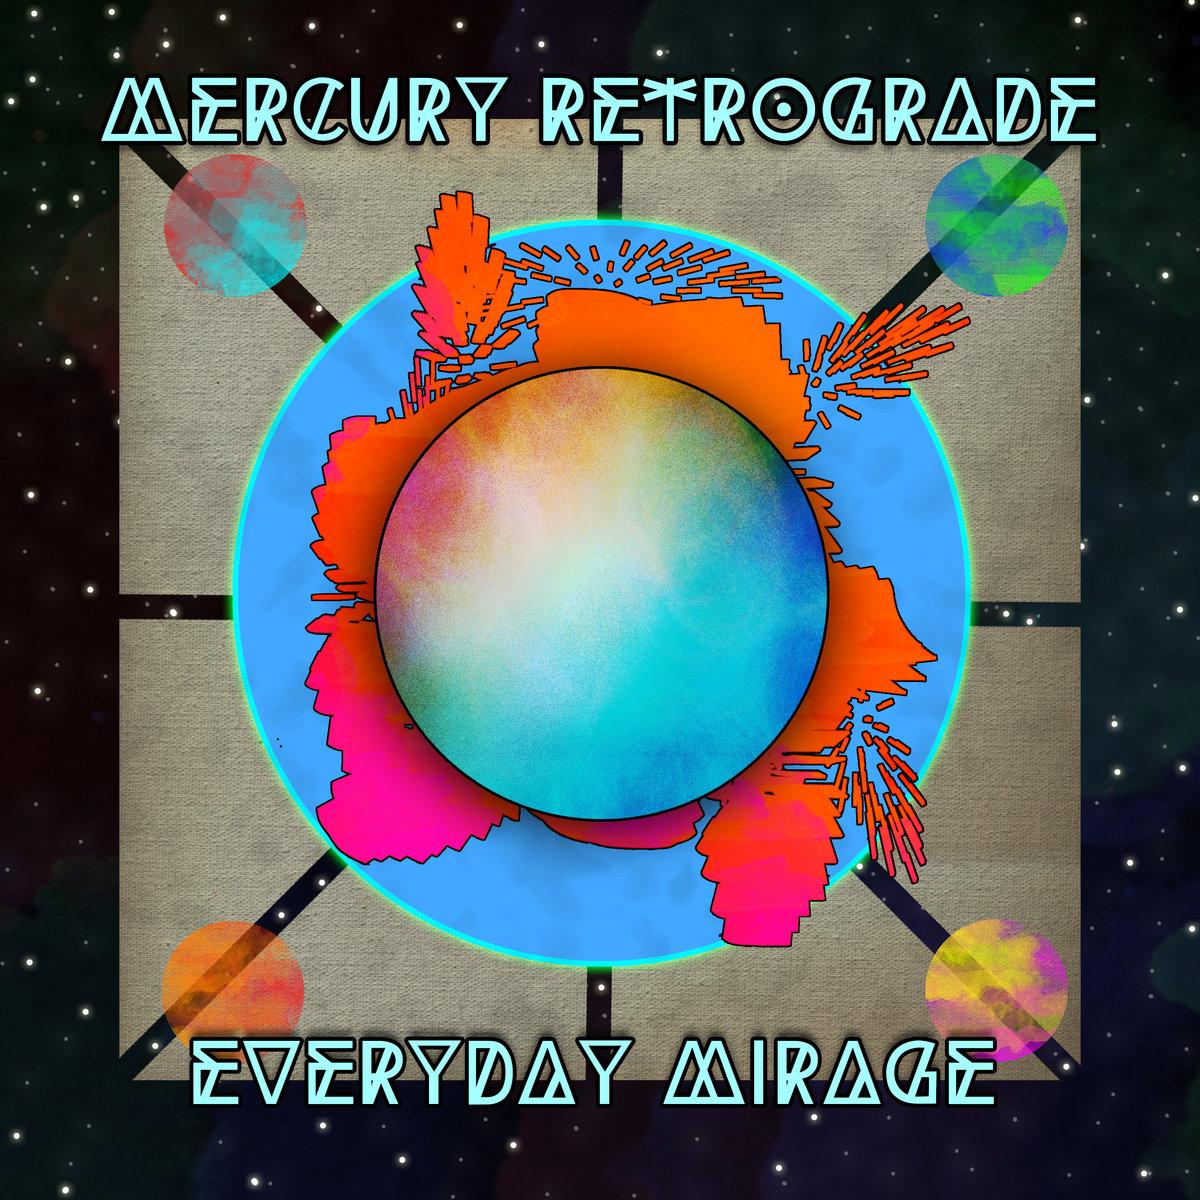 Album Review: Mercury Retrograde, Everyday Mirage